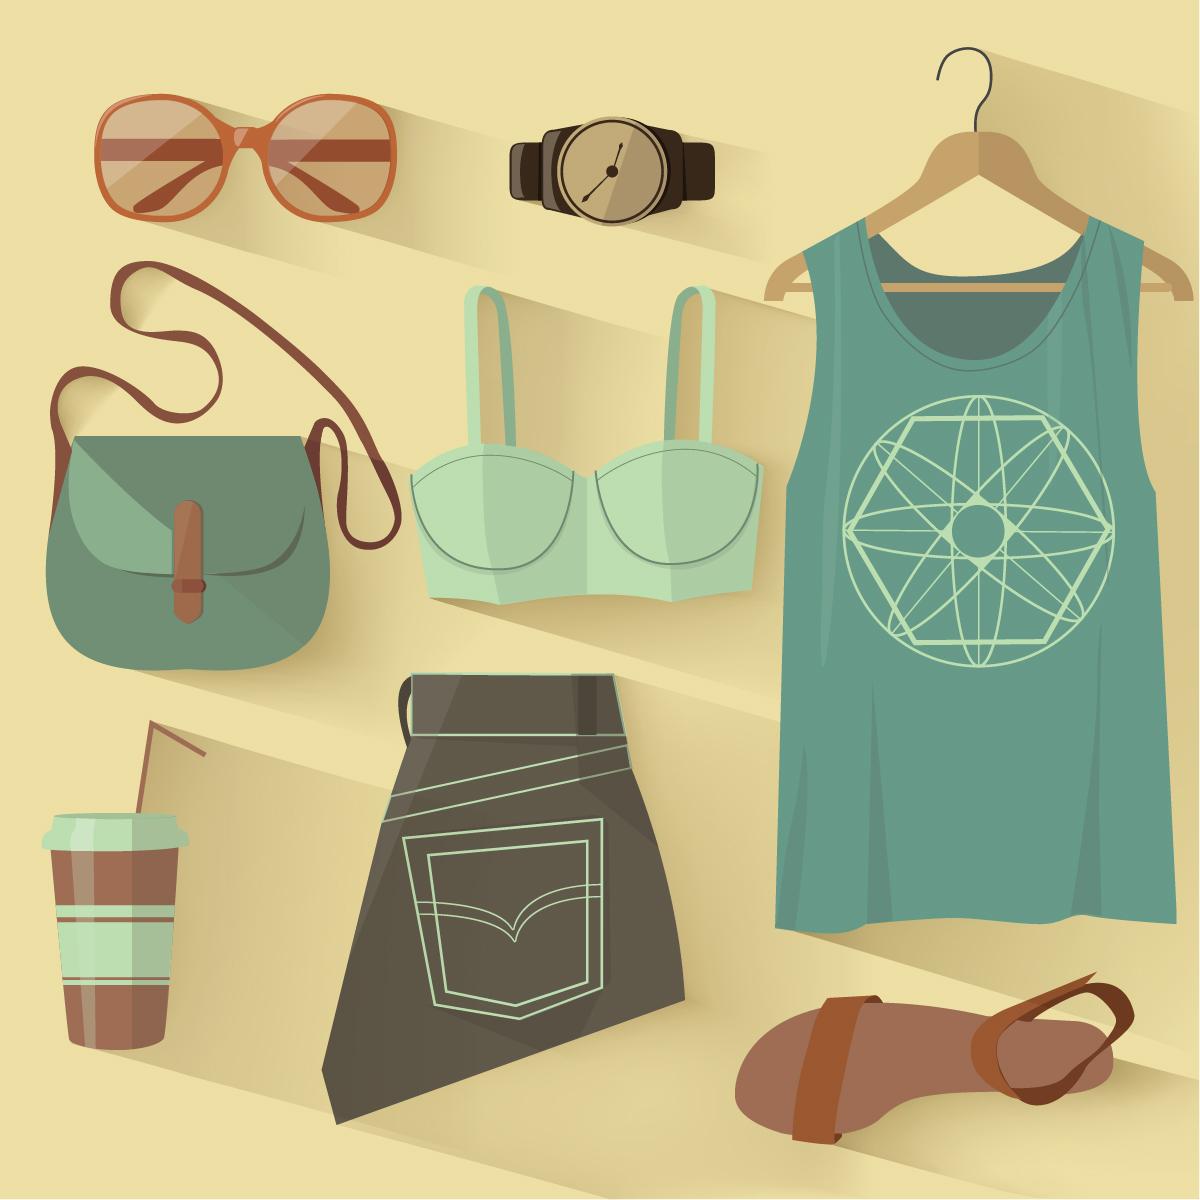 165 - Férias: 7 segredos da mala pequena (e fashion!) de verão